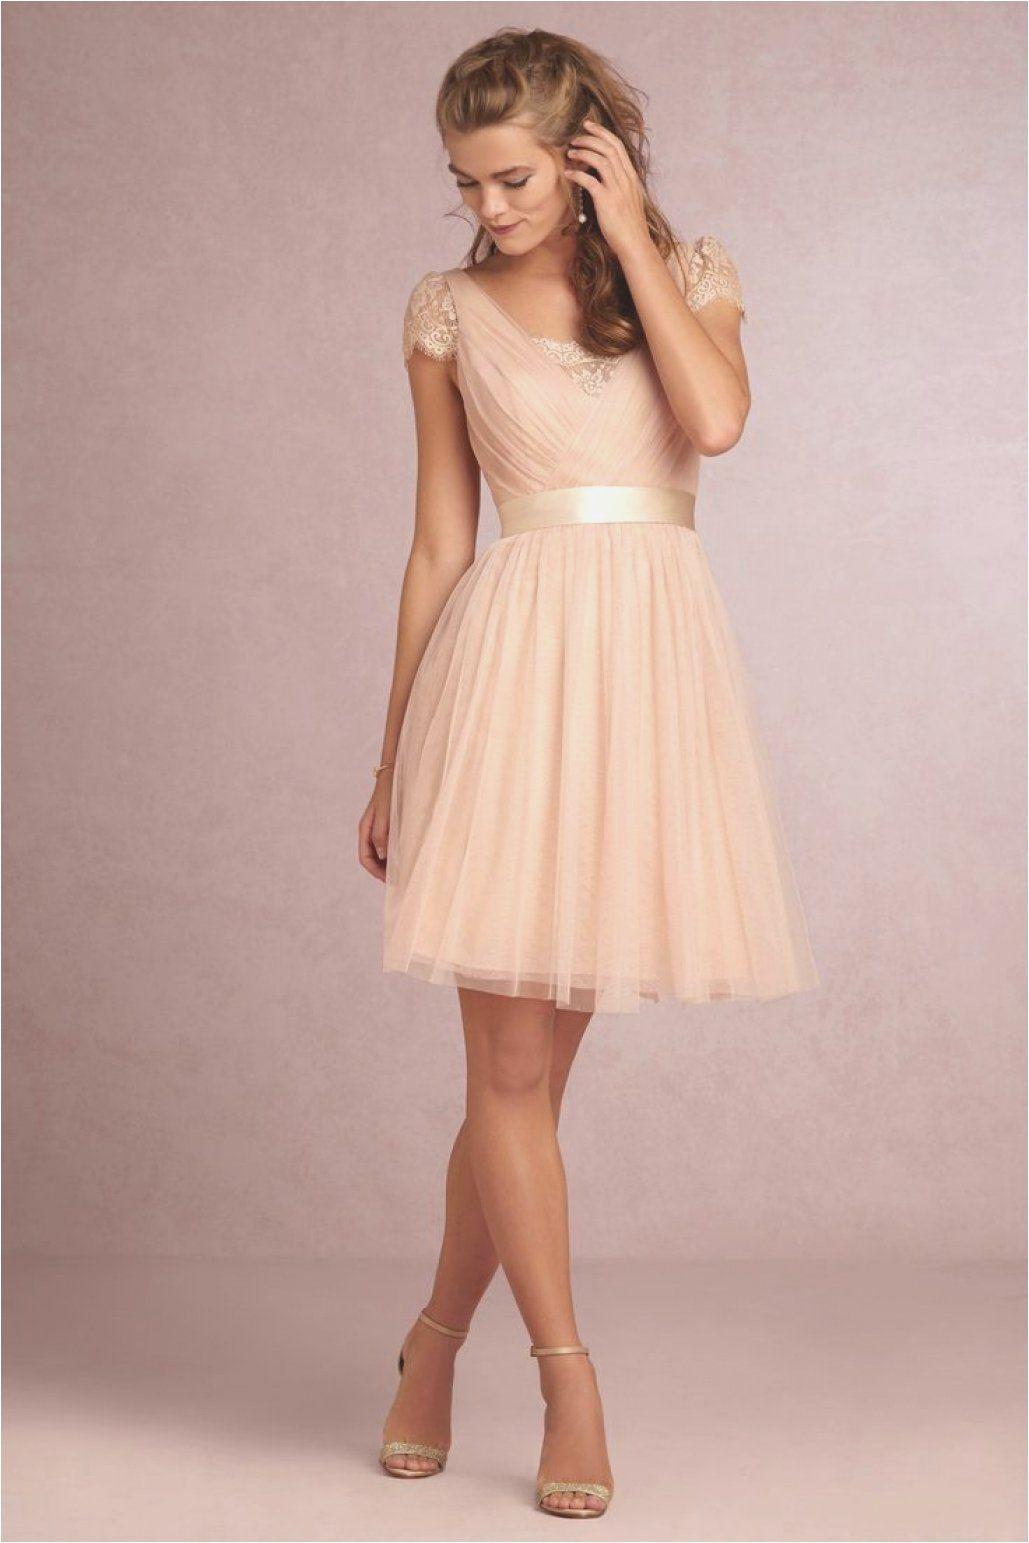 kleid für hochzeit als gast a linie | rosa kleid